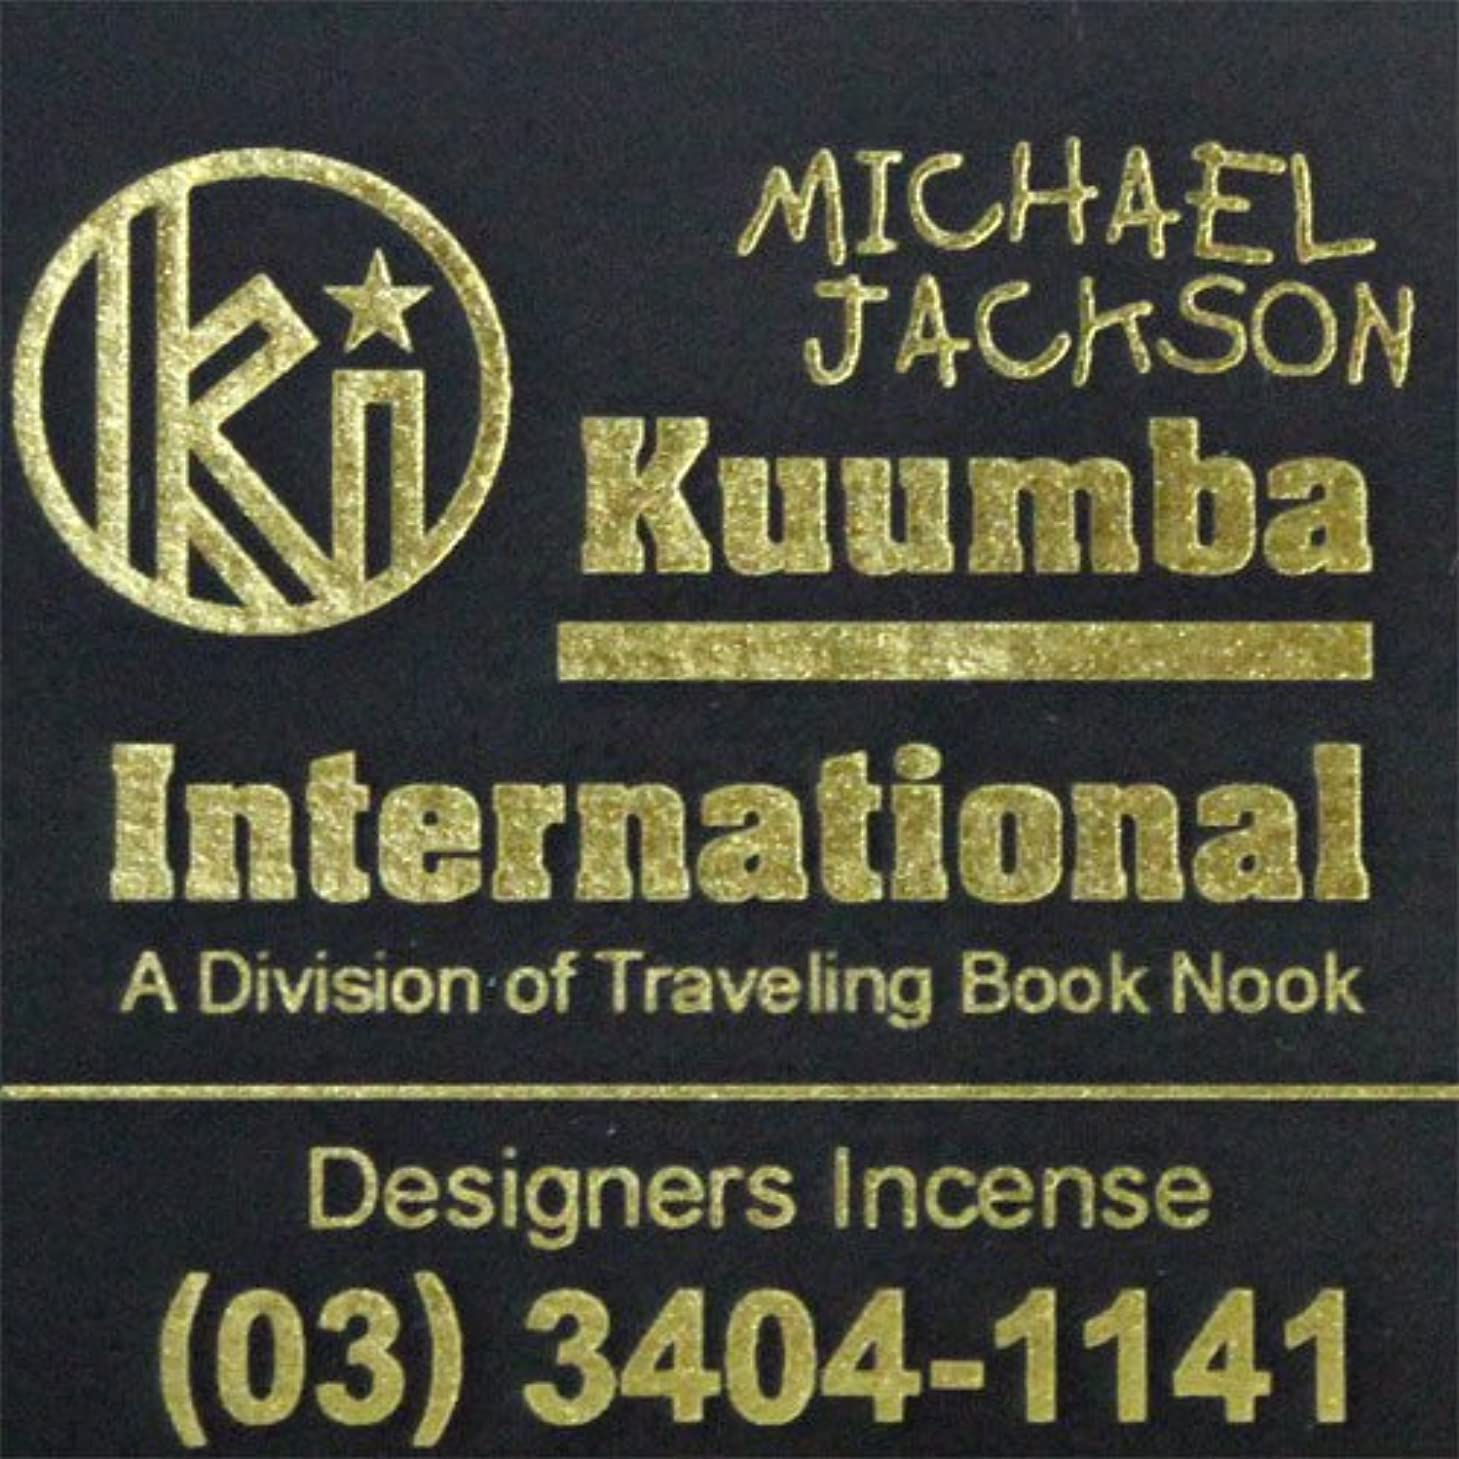 階好意スピーチ(クンバ) KUUMBA『incense』(MICHAEL JACKSON) (Regular size)